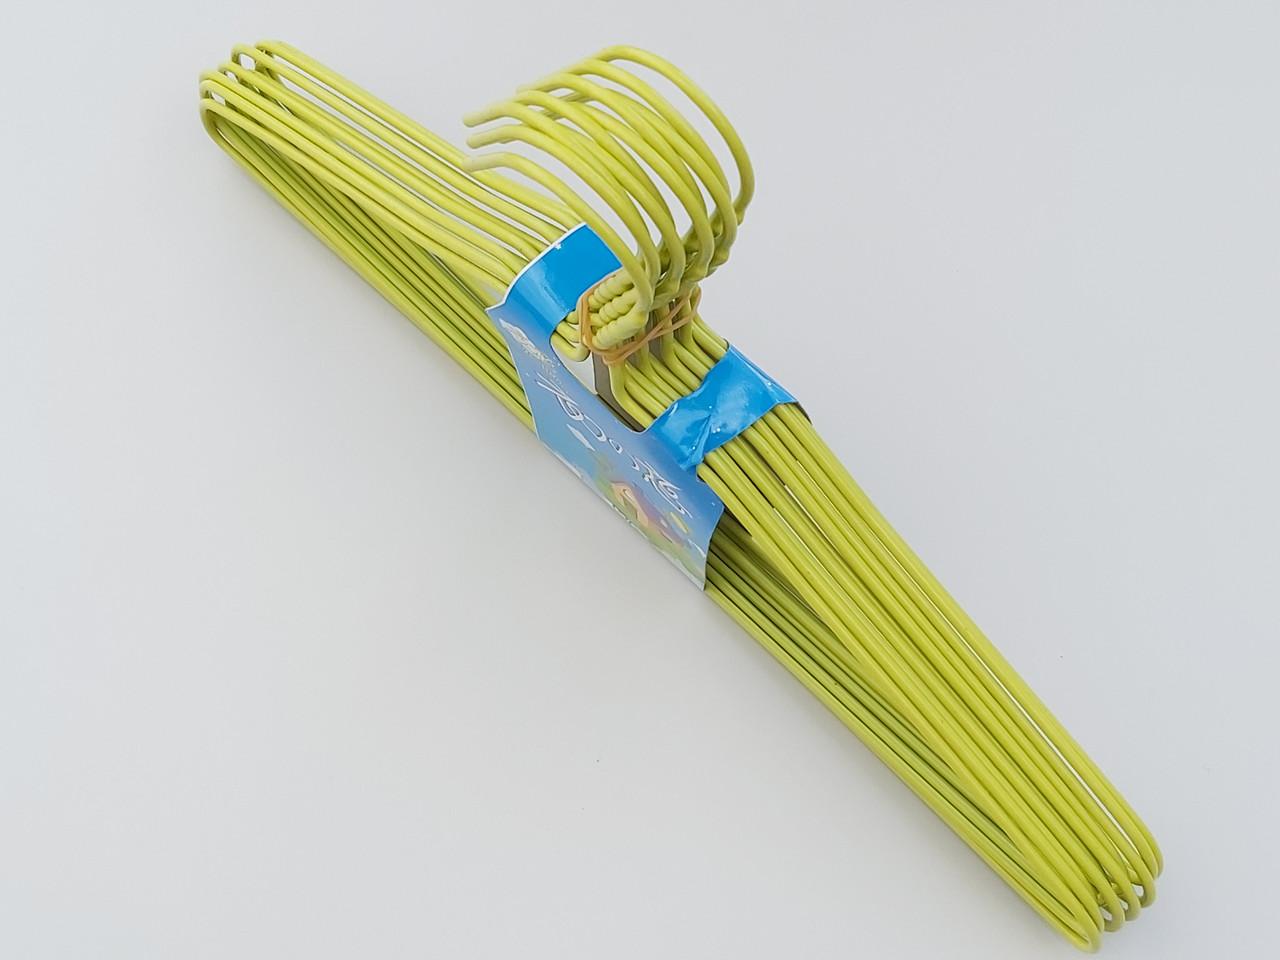 Плечики  тремпеля металлический в полиэтиленовом покрытии зеленого цвета, длина 39,5 см, в упаковке 10 штук